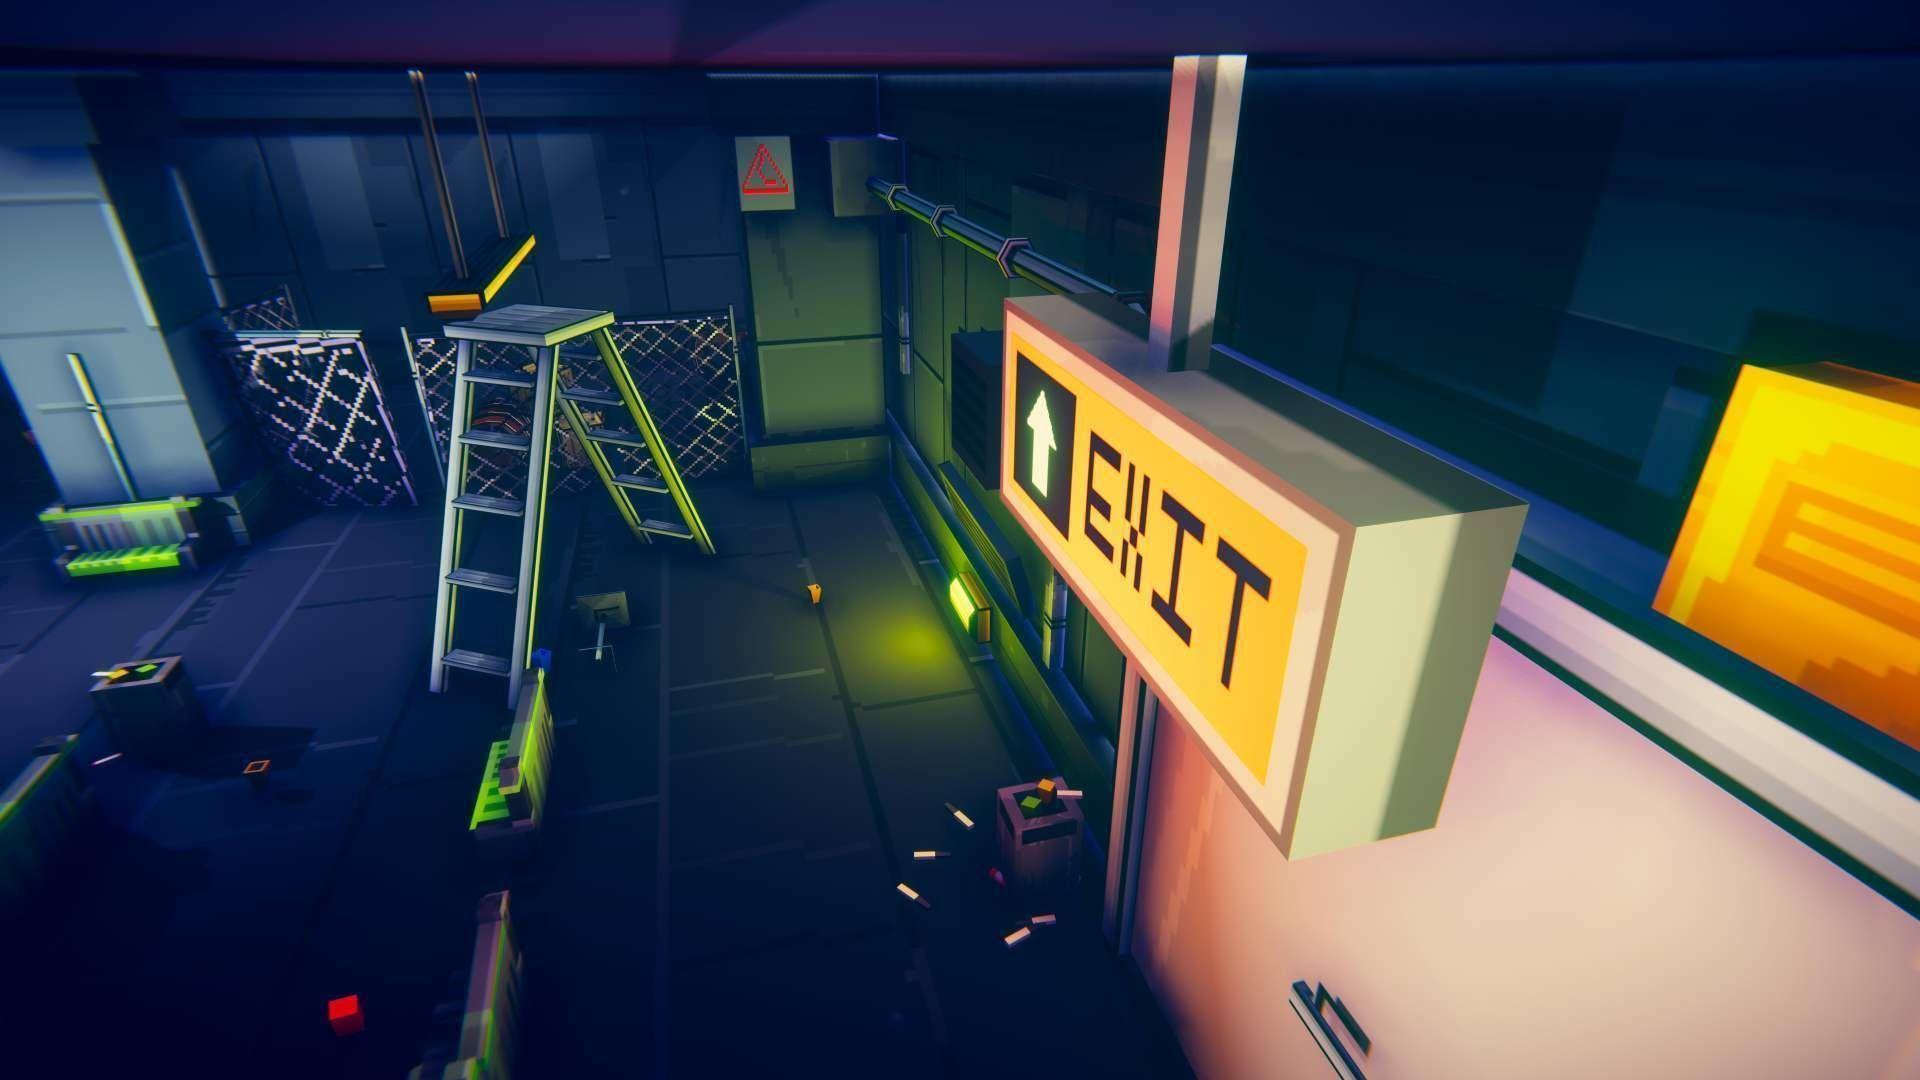 3D PixelArt Underground Subway Metro Station level